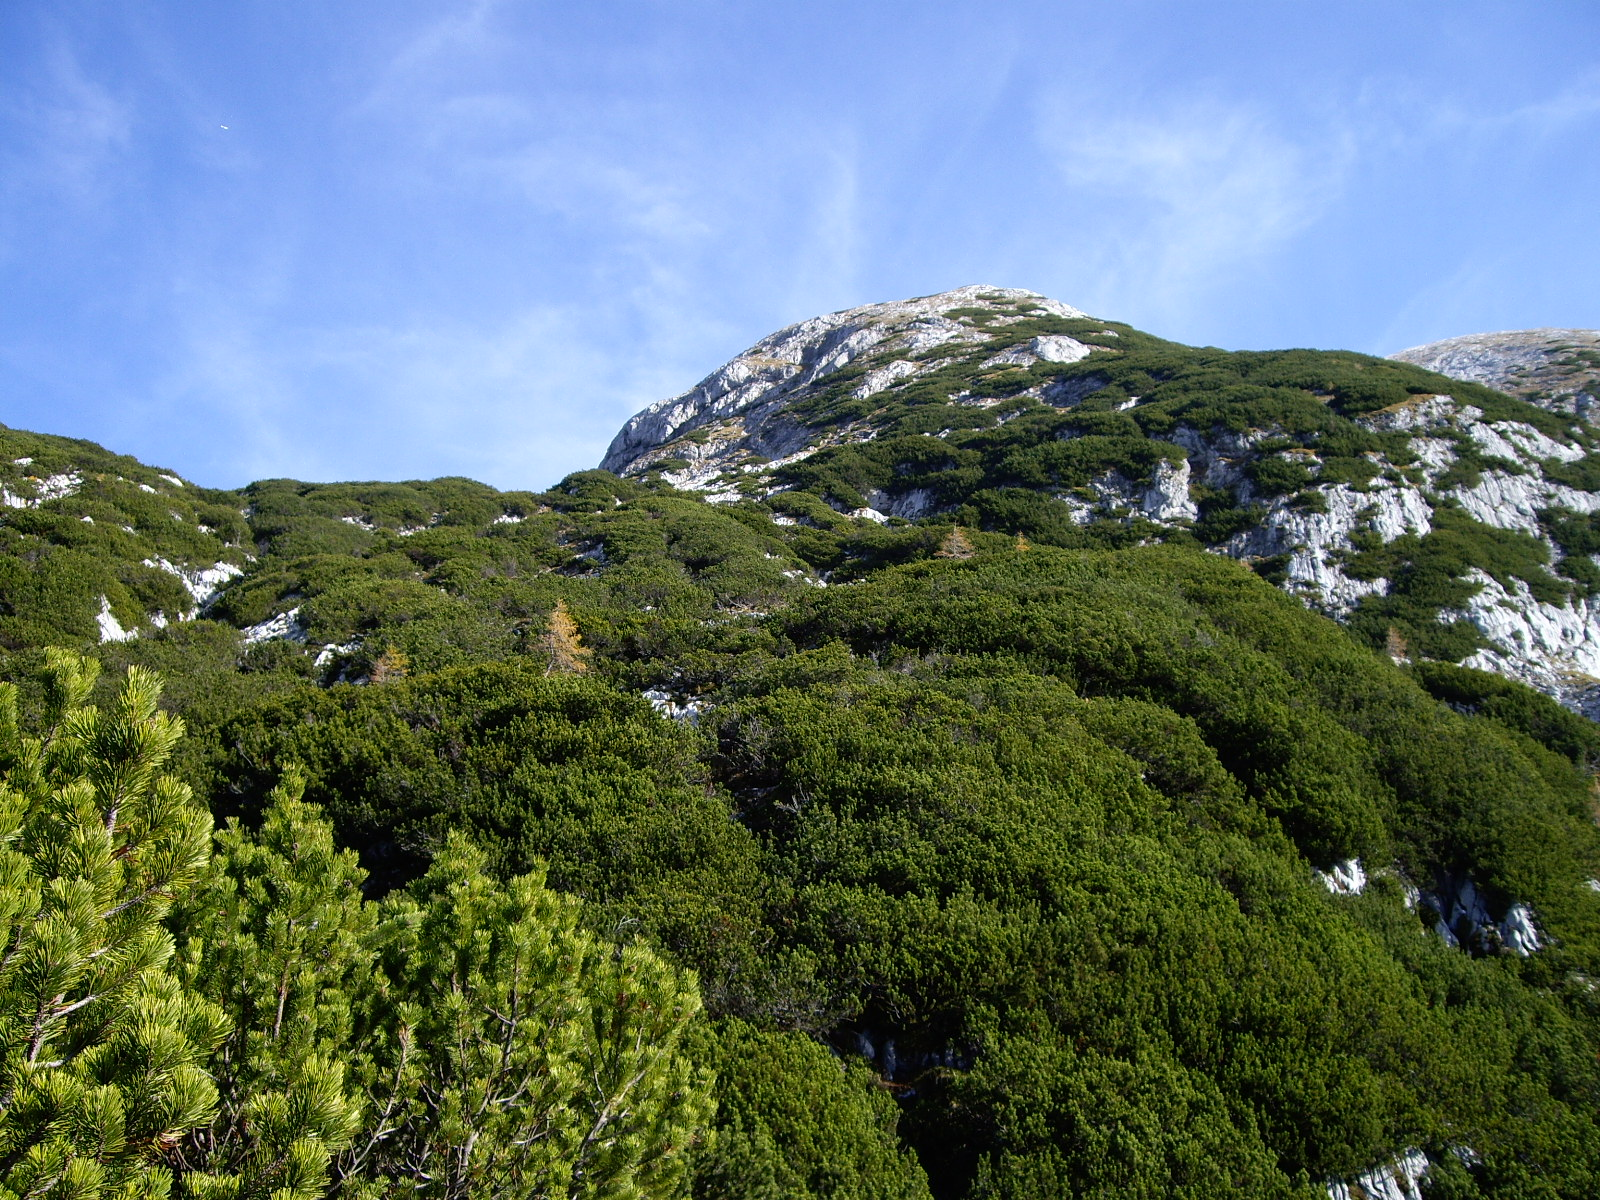 Weite des Plateaus mit vielen Dolinen und Klüften